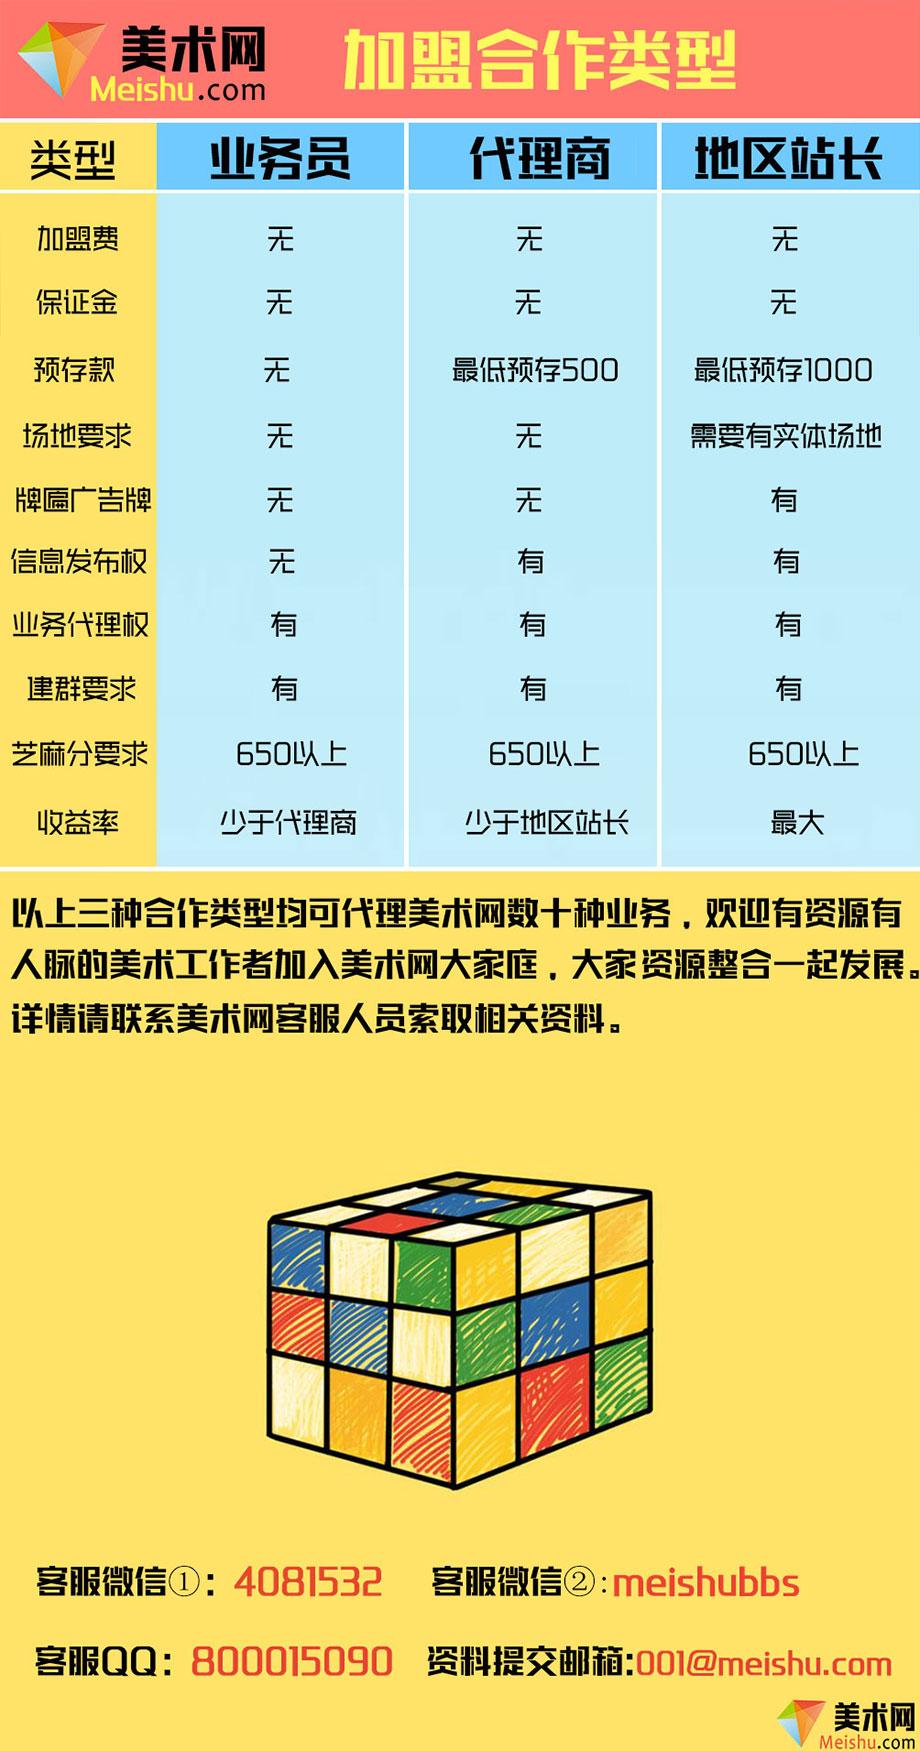 业务合作-xiao.jpg